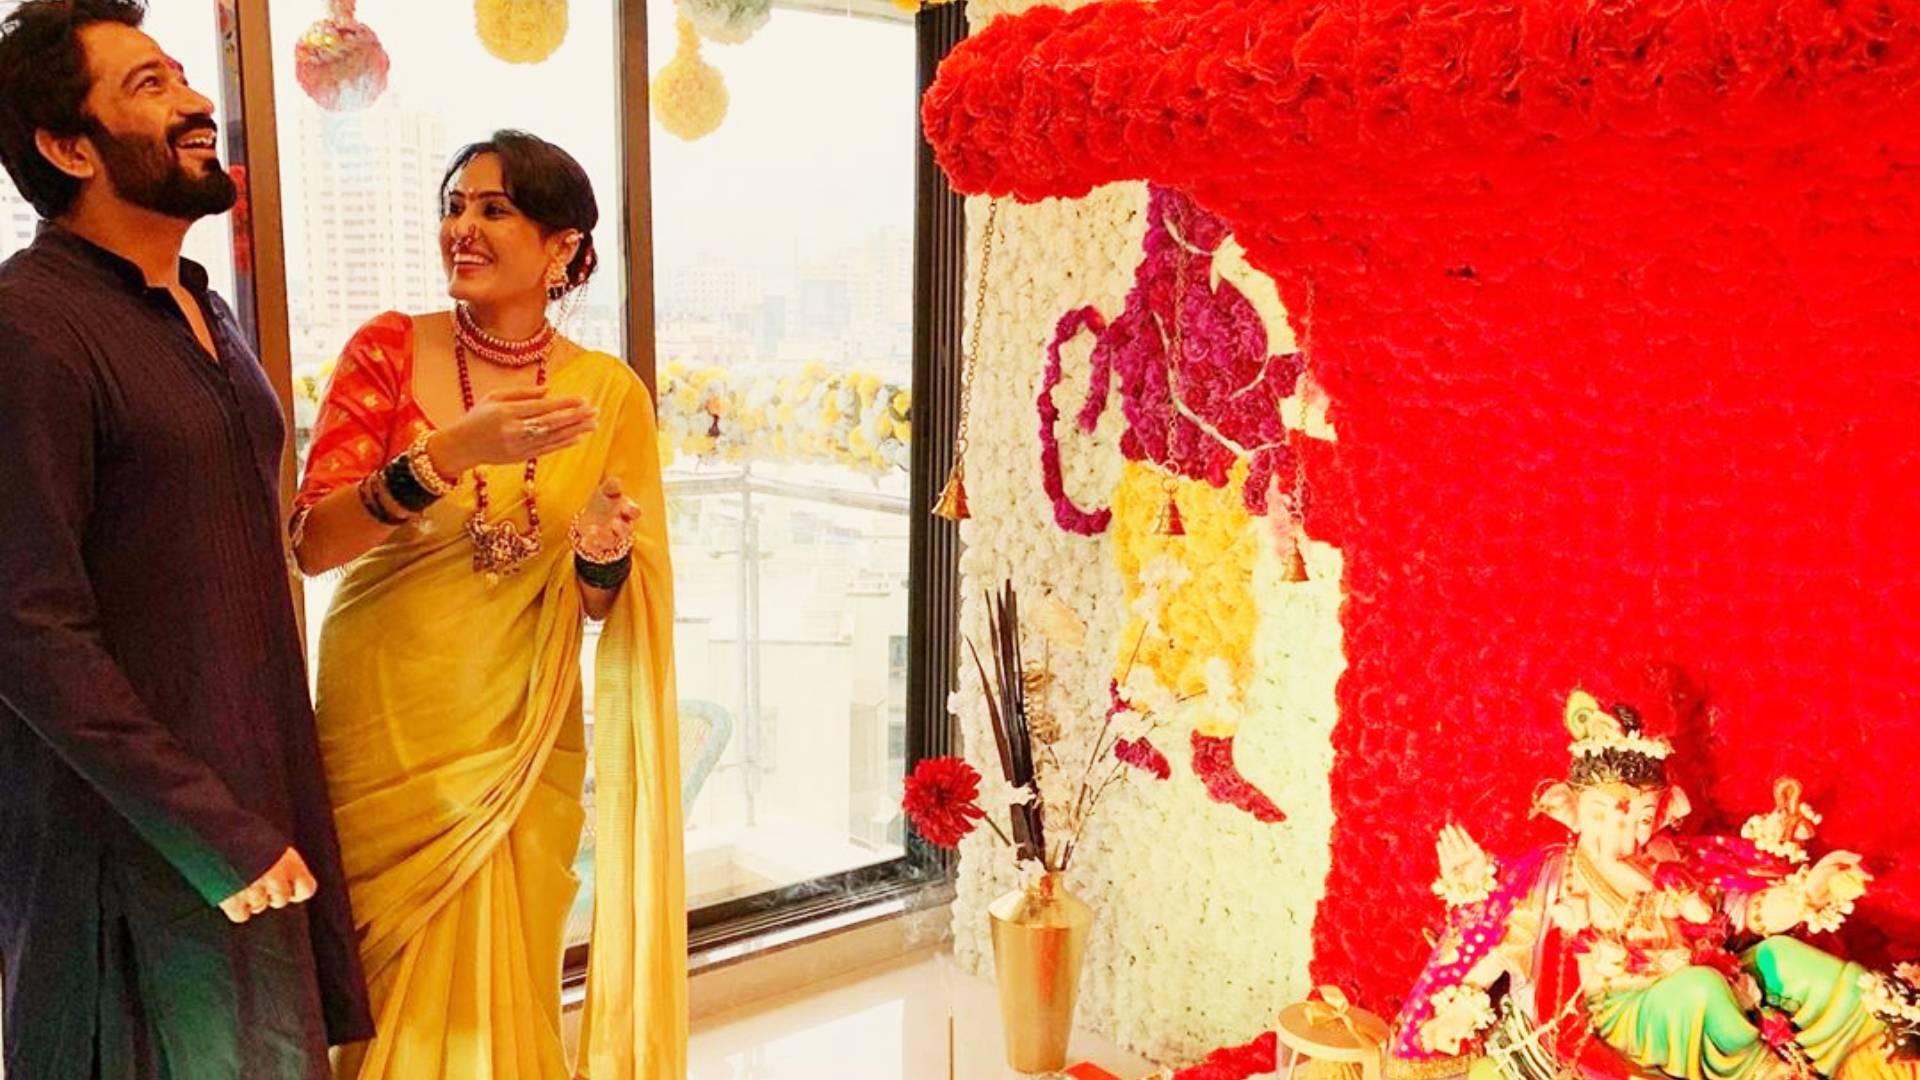 काम्या पंजाबी अगले साल लेंगी शलभ डांग के साथ 7 फेरे, 2013 में लिया था पहले पति बंटी नेगी से तलाक